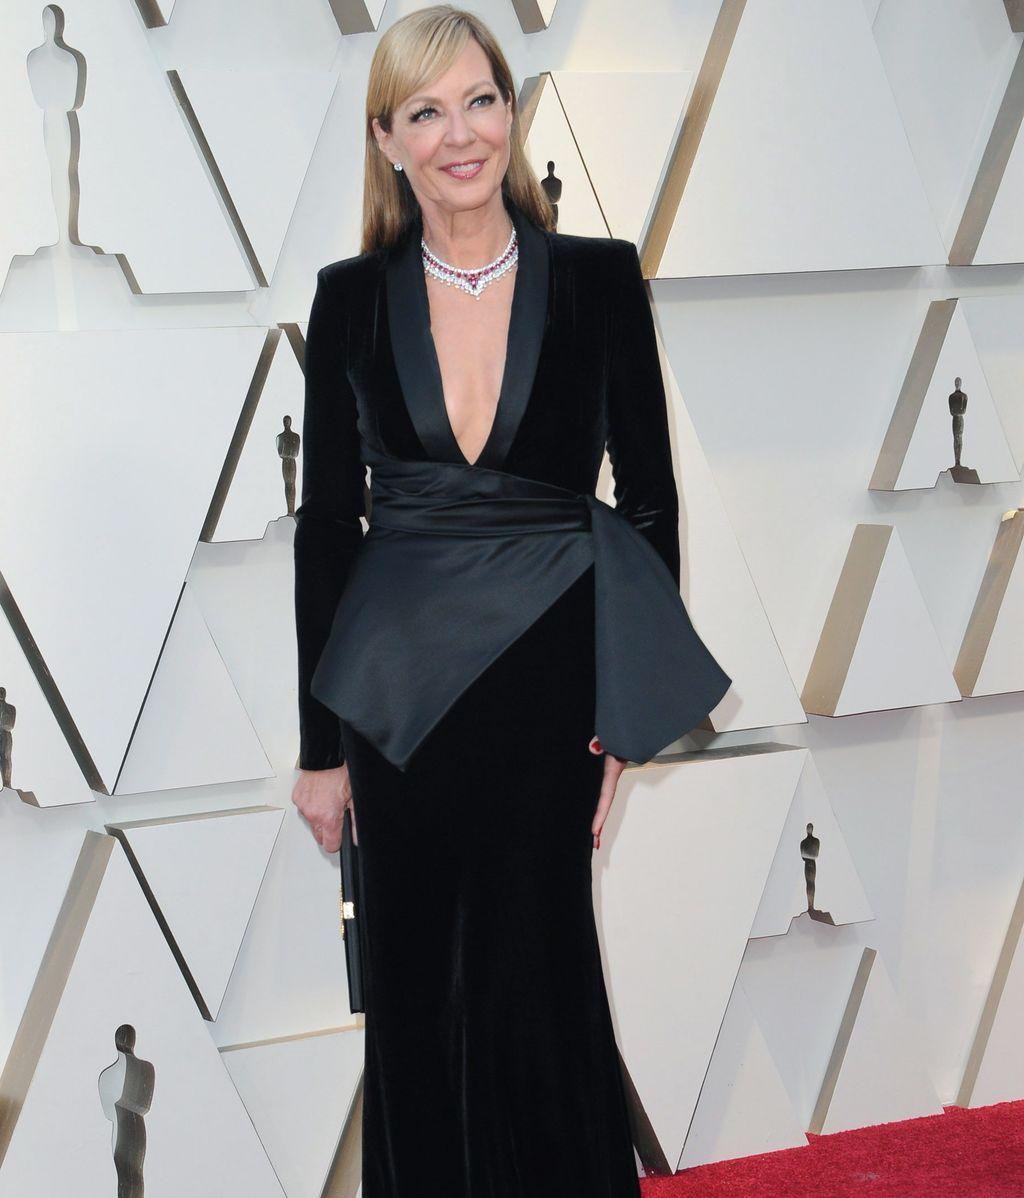 Allison Janney con vestido de terciopelo de escote profundo